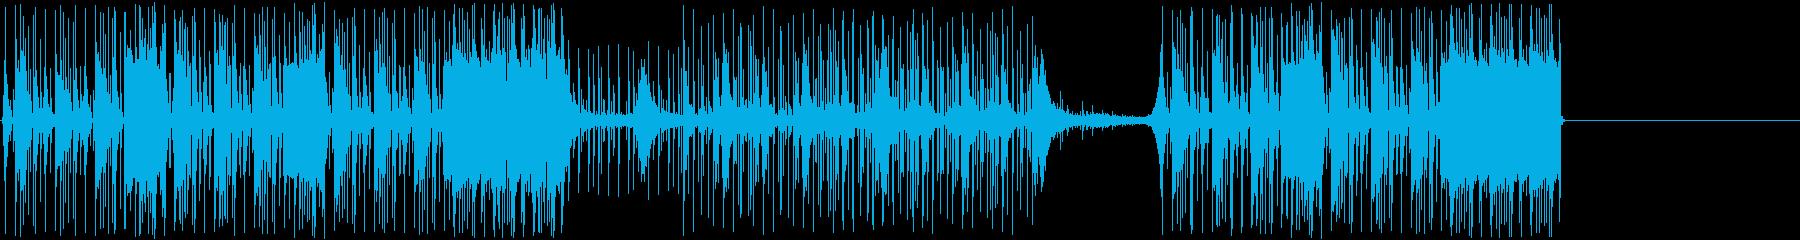 鼓動するエレクトロニカのドラムとベ...の再生済みの波形